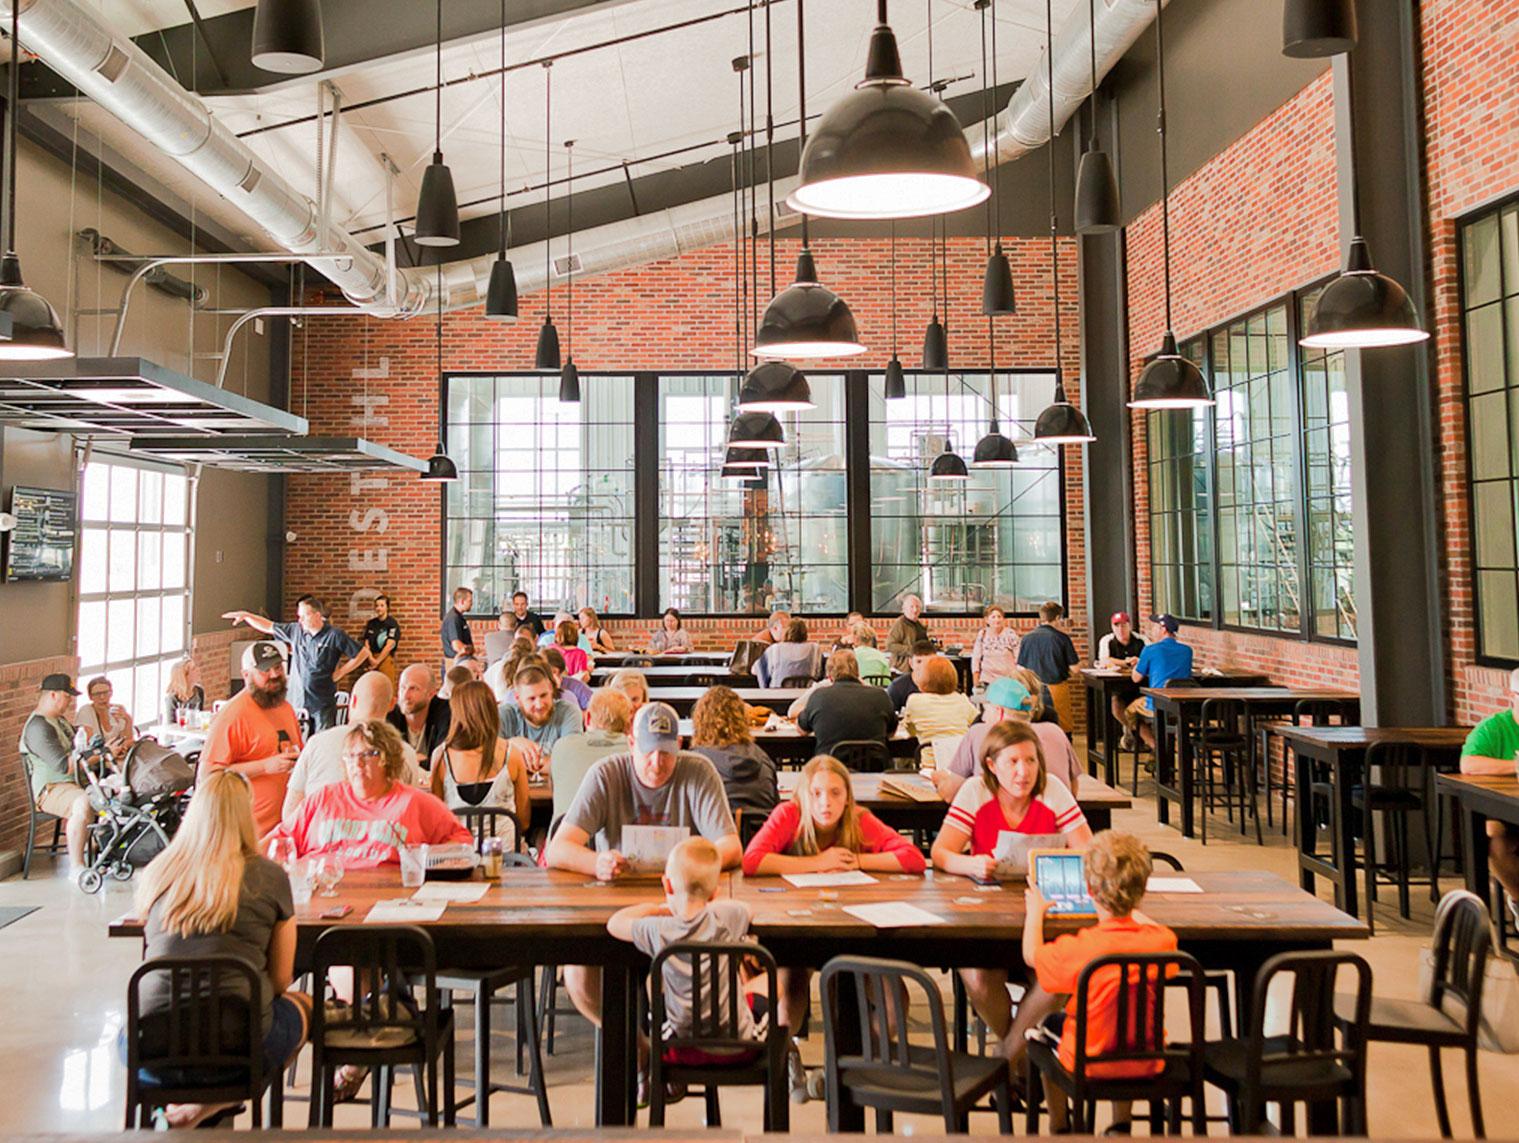 Destihl Restaurant and Brew Works